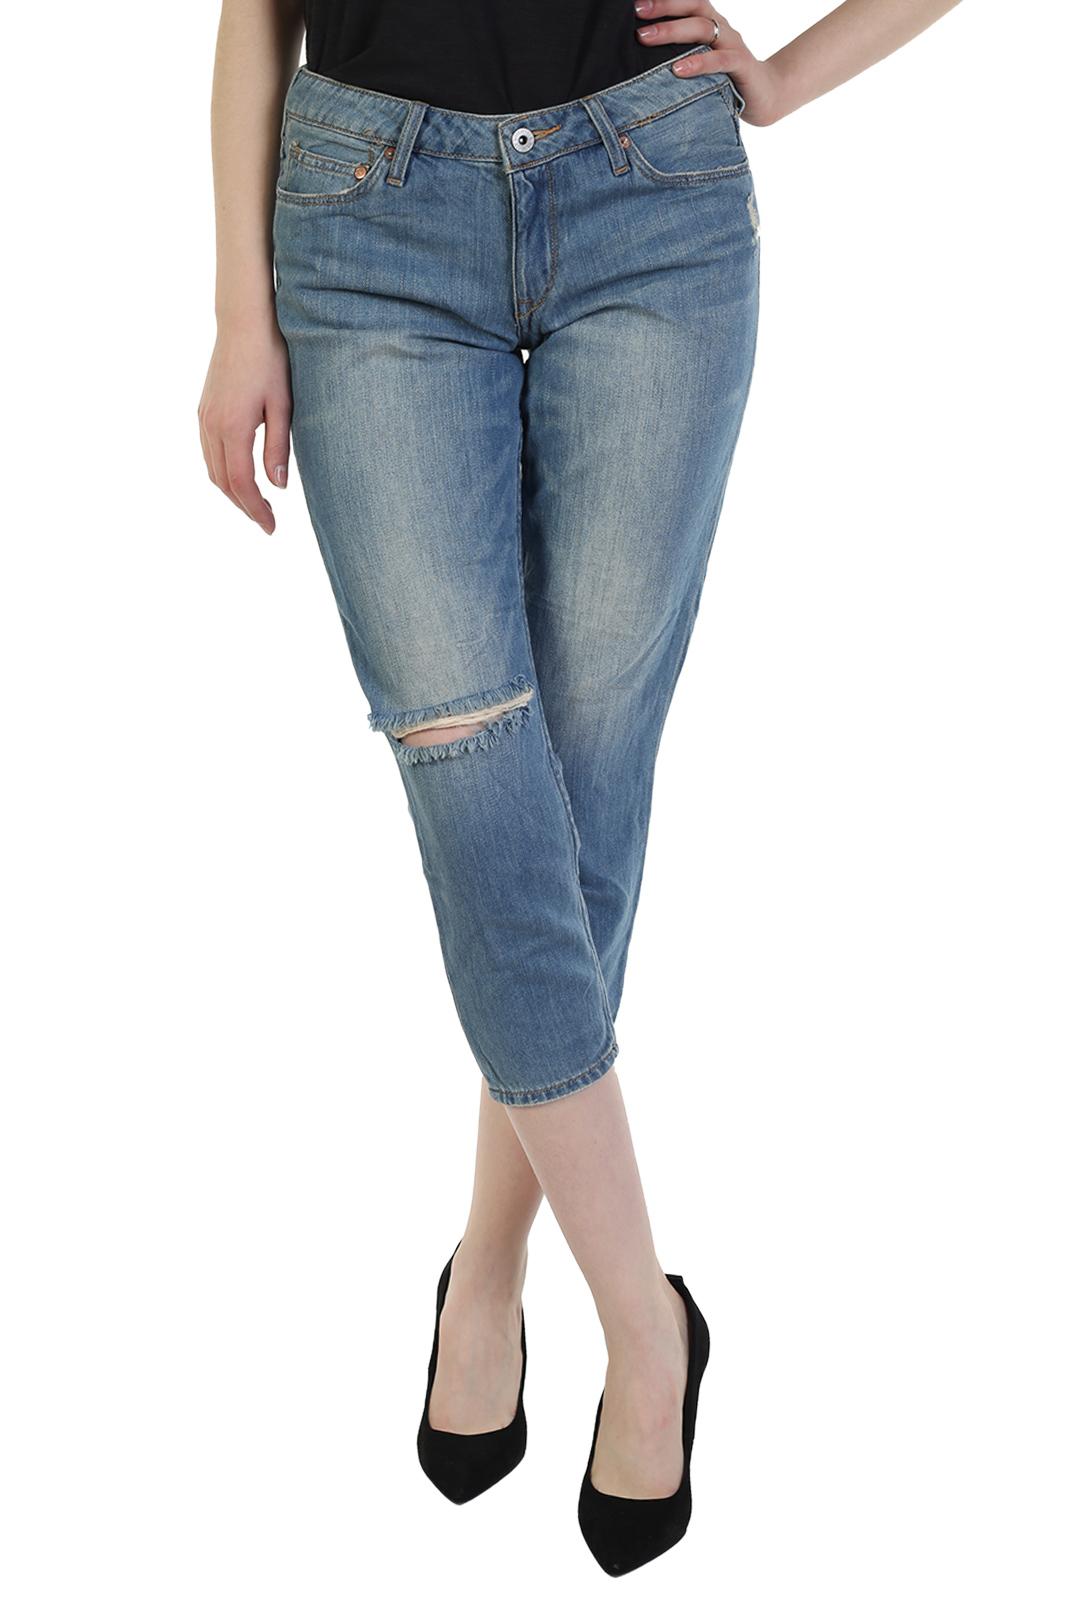 Женские джинсы капри Girlfriend Fit